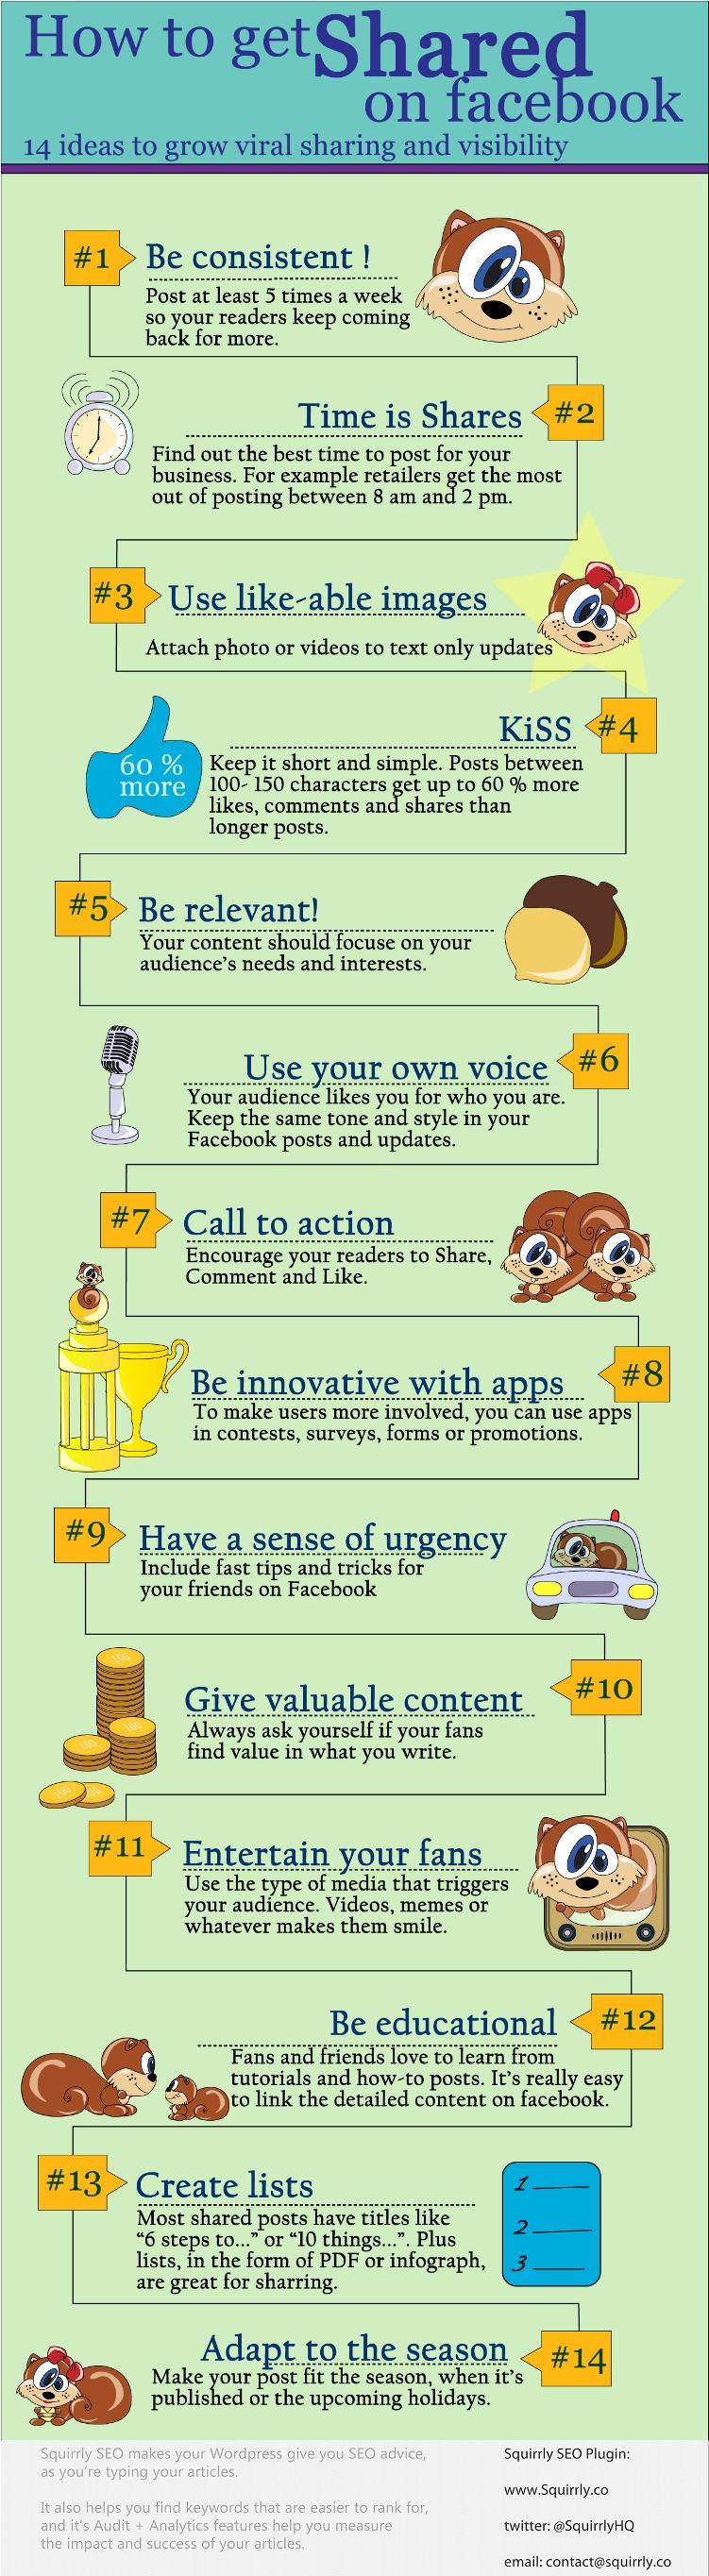 14-seo-tips-for-facebook_524e8bbb0671f